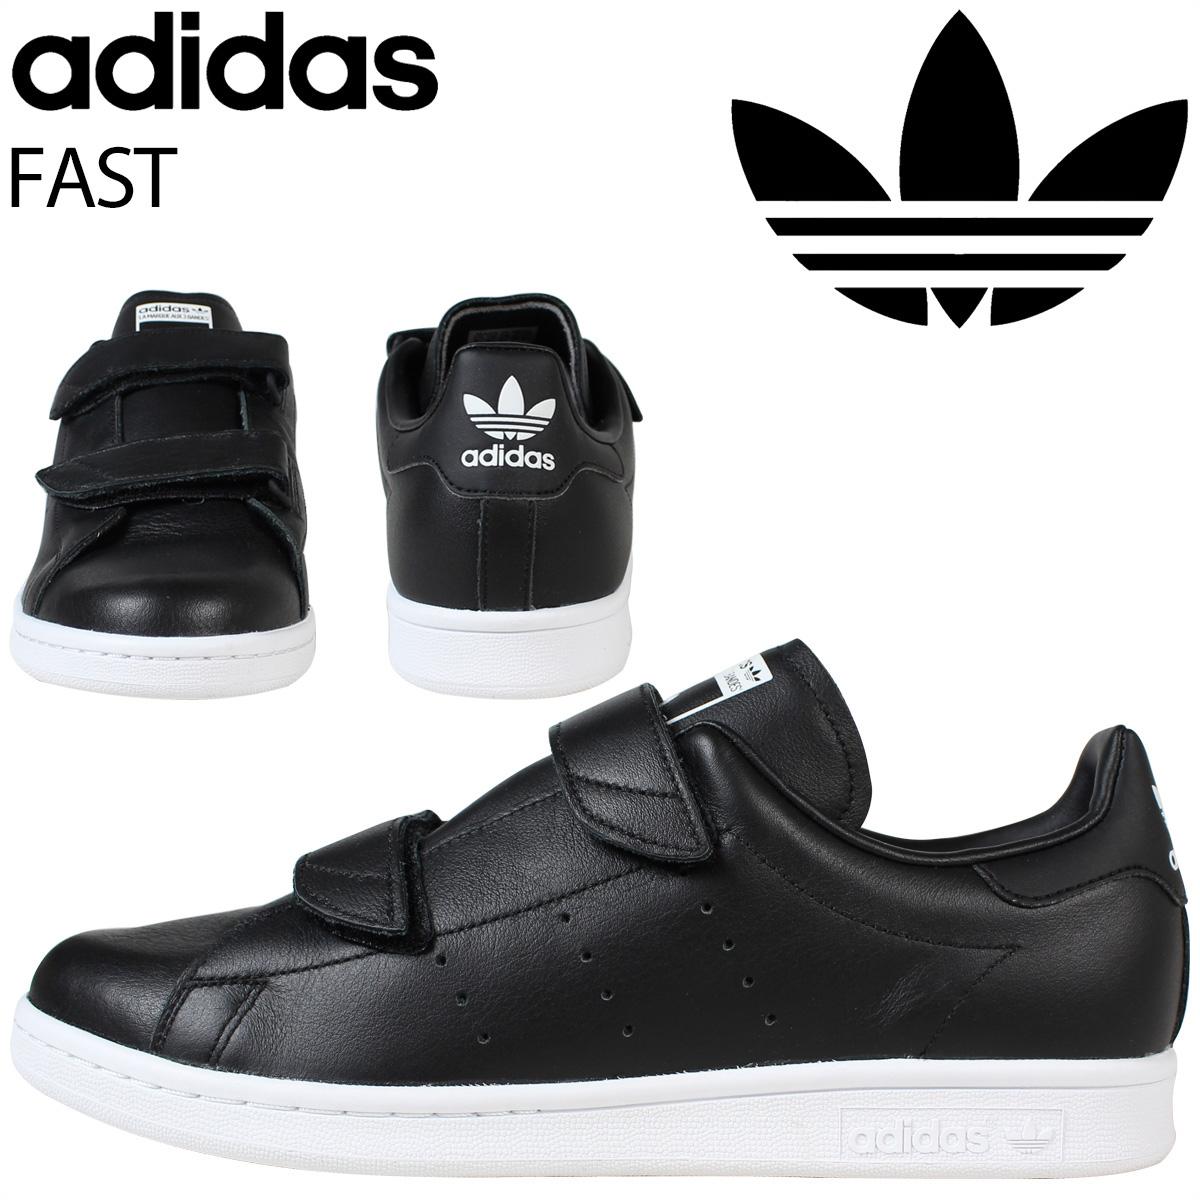 アディダス オリジナルス ファスト adidas Originals スニーカー FAST メンズ S80133 ブラック